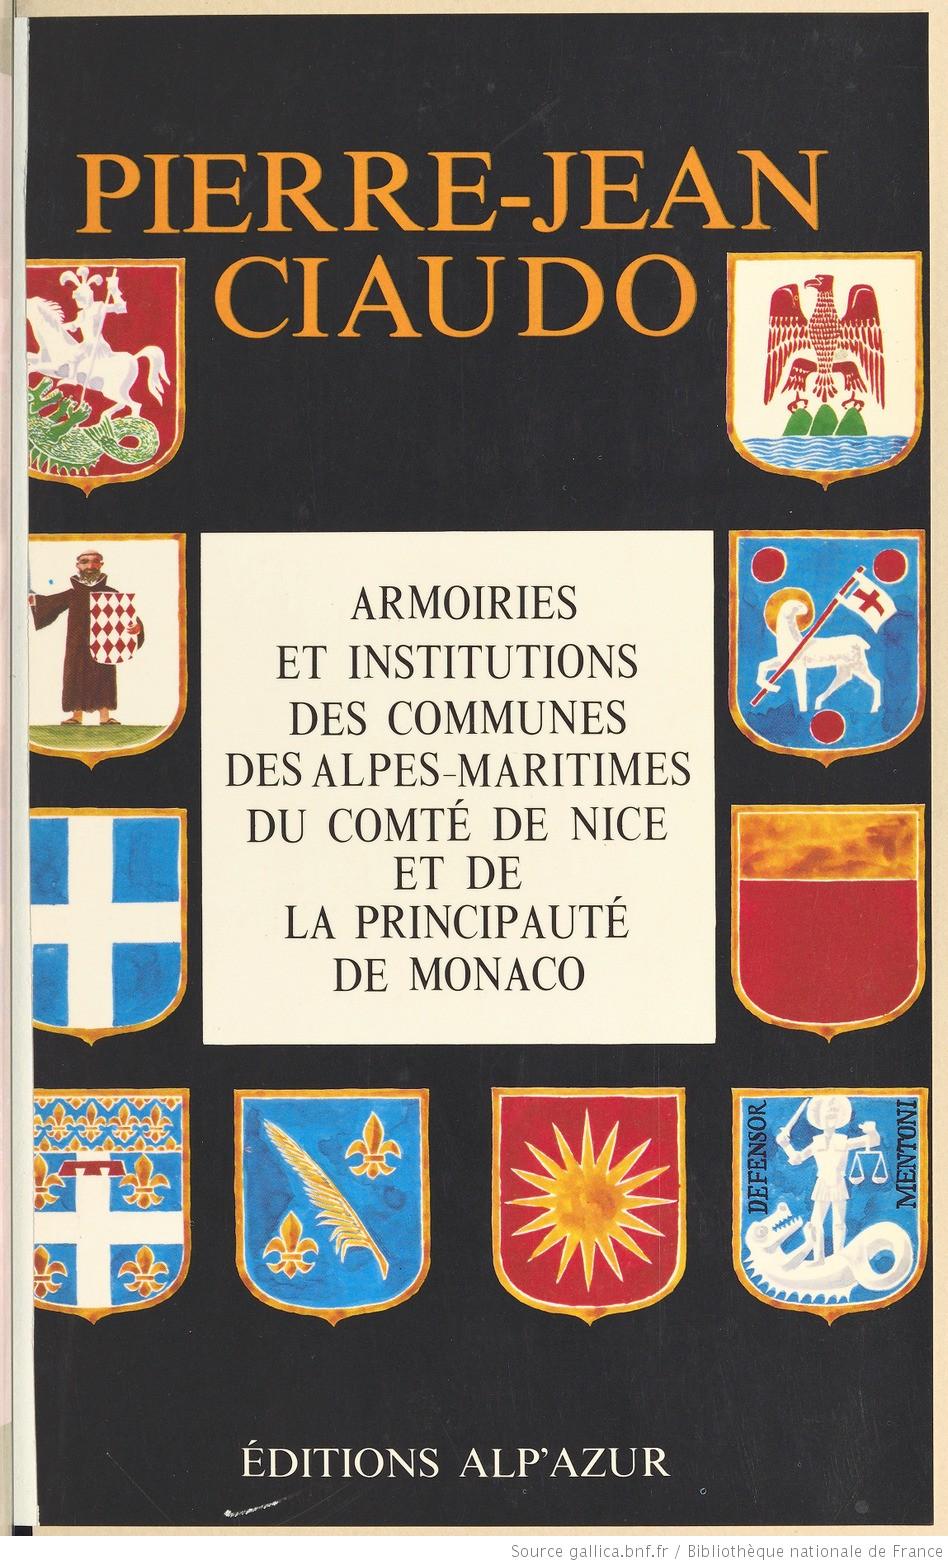 Armoiries et insutions des communes des Alpes-Maritimes, du comté on